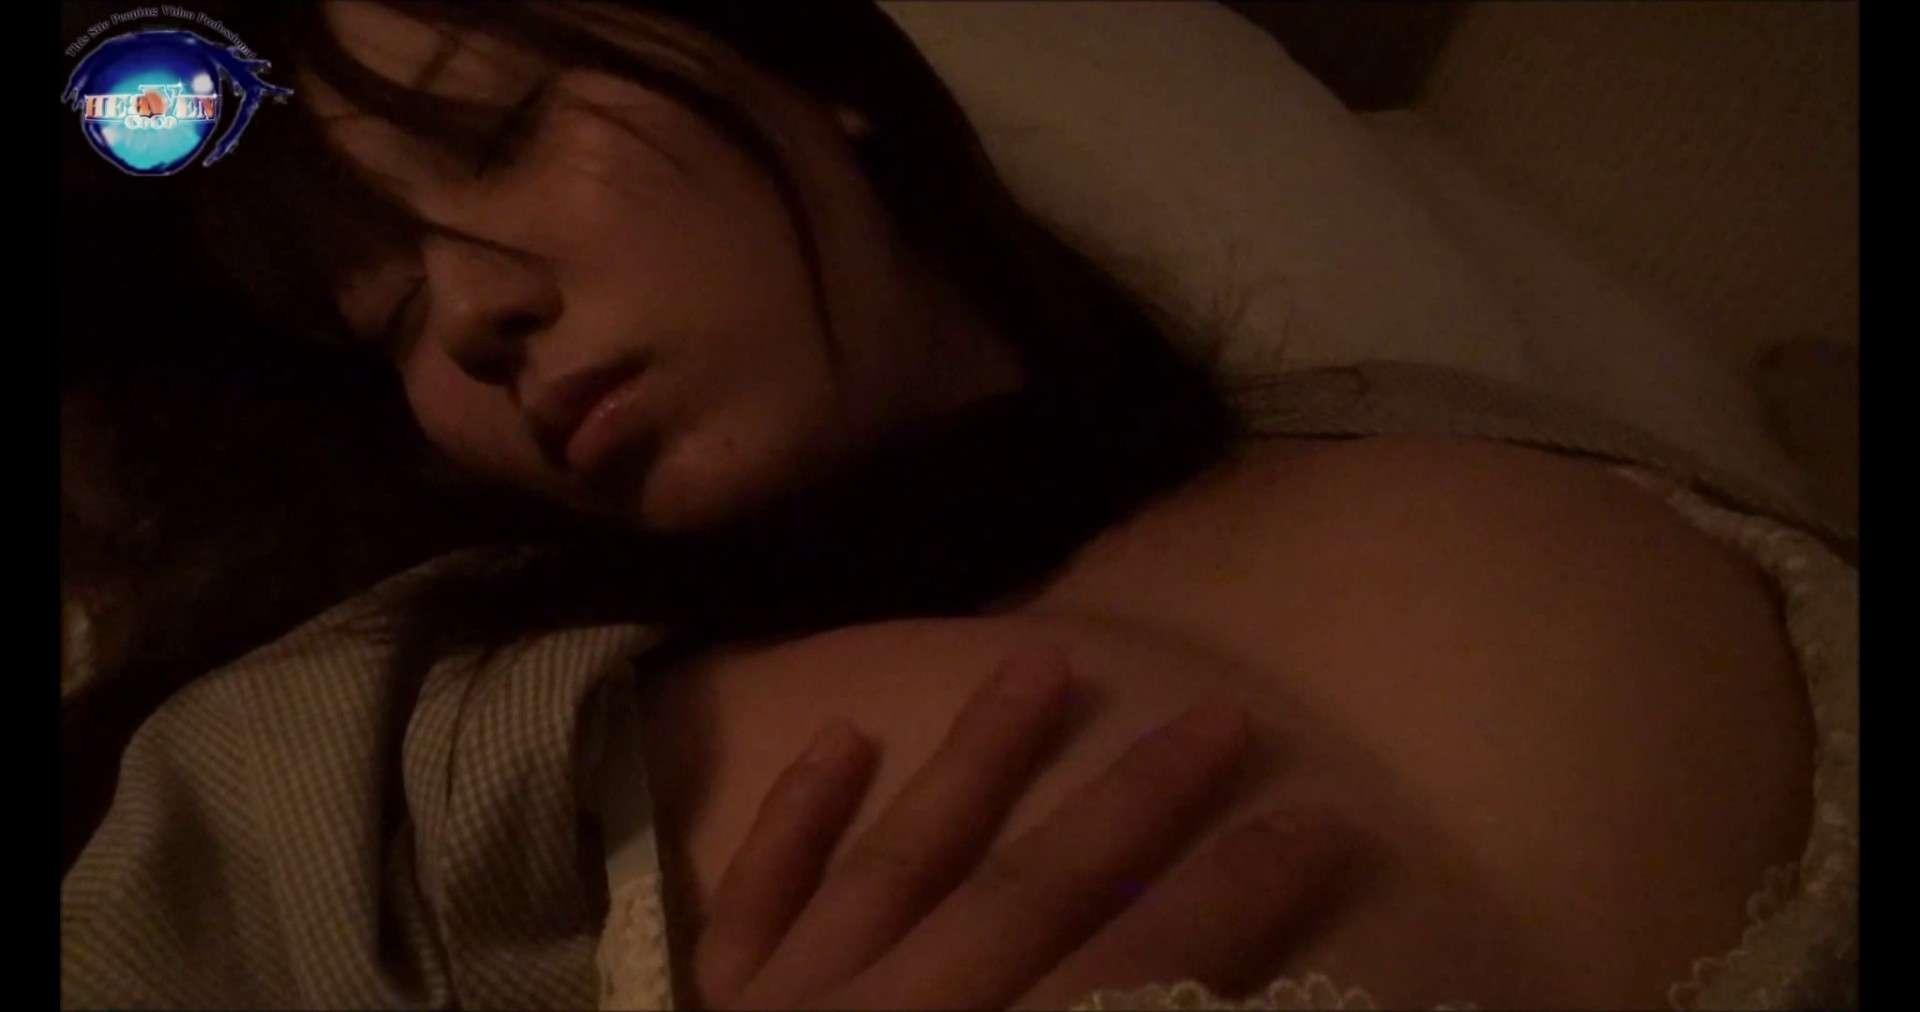 睡魔 シュウライ 第五弐話 前編 下半身   巨乳  65PICs 13